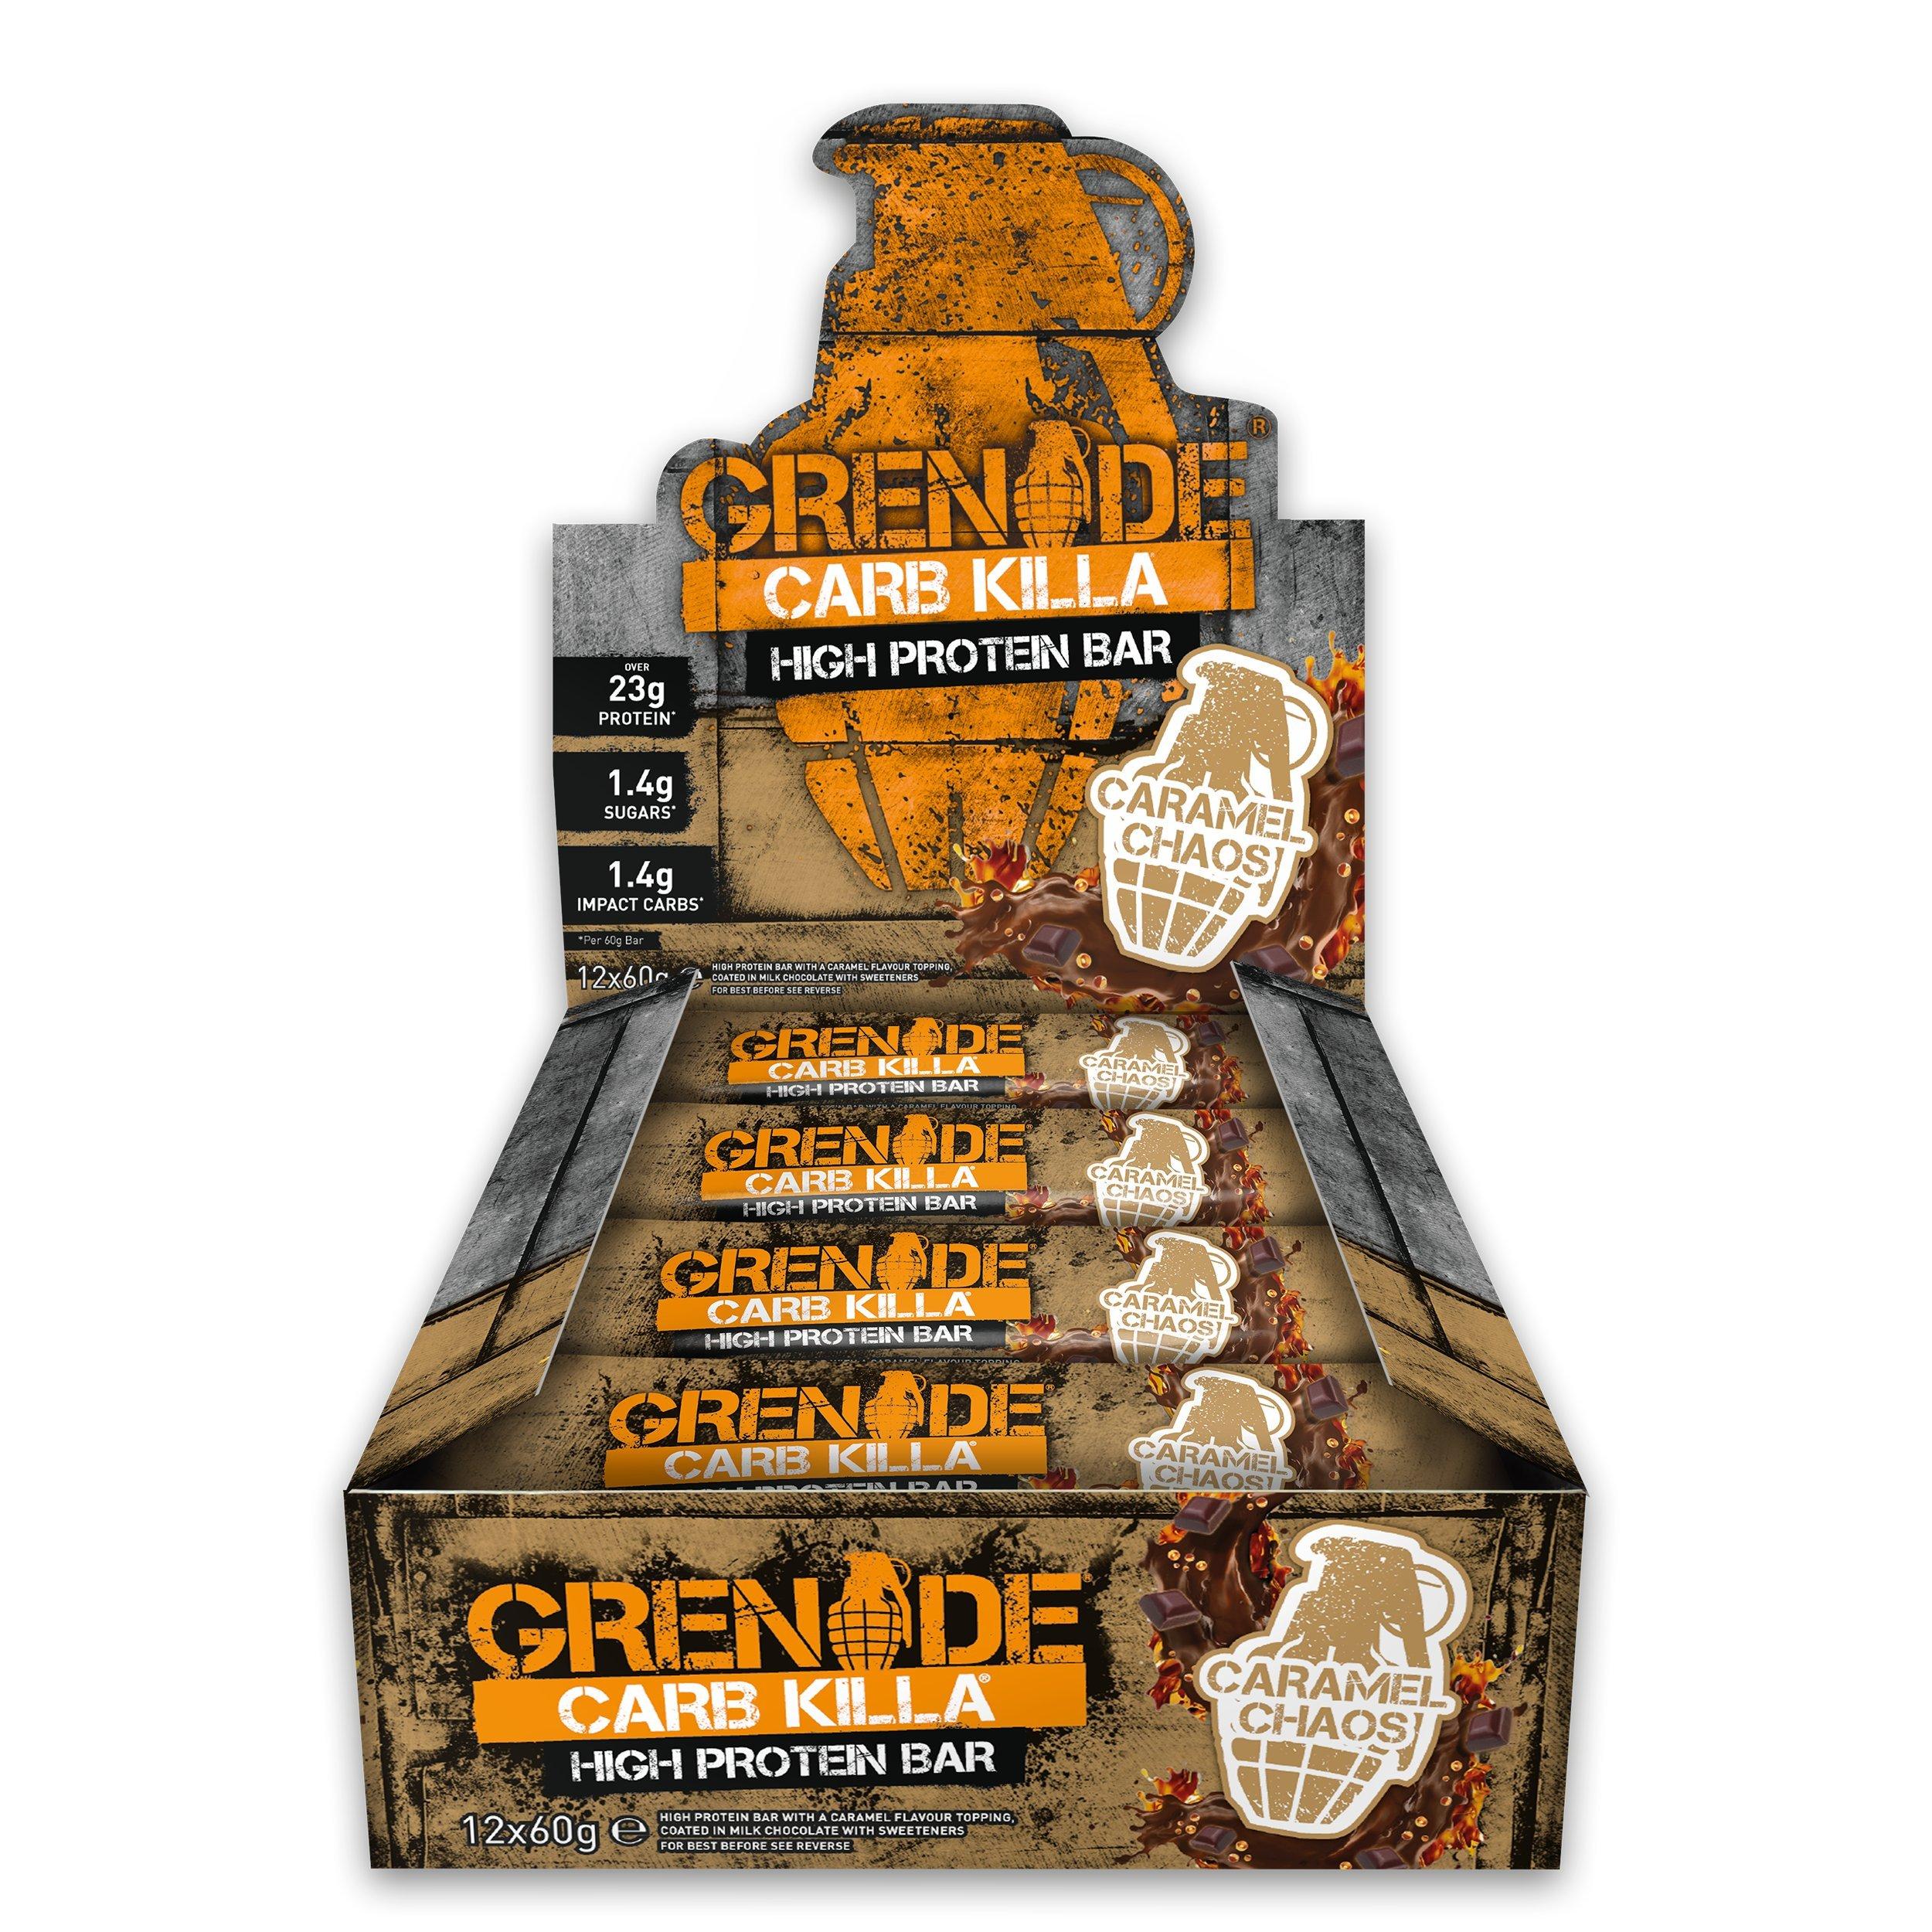 Grenade Caramel Carb Killa Chaos High Protein Bar